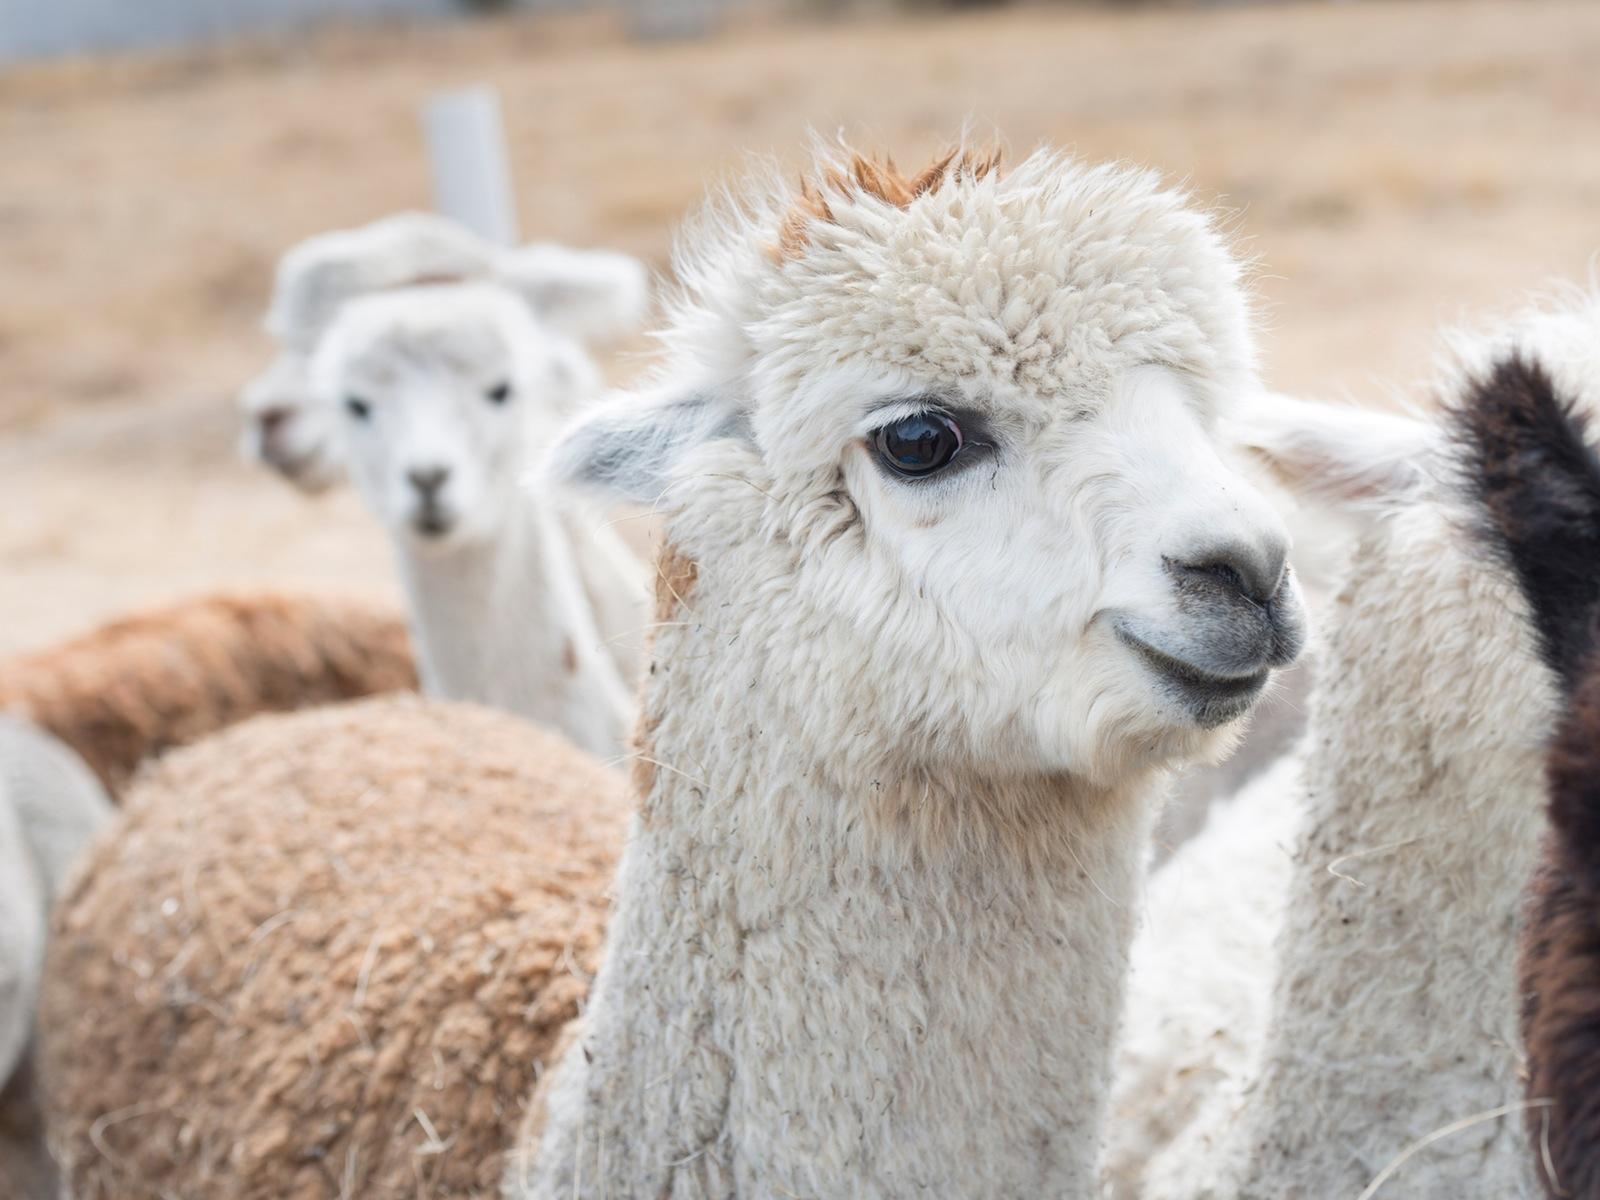 One of Creswick Woolen Mills alpacas